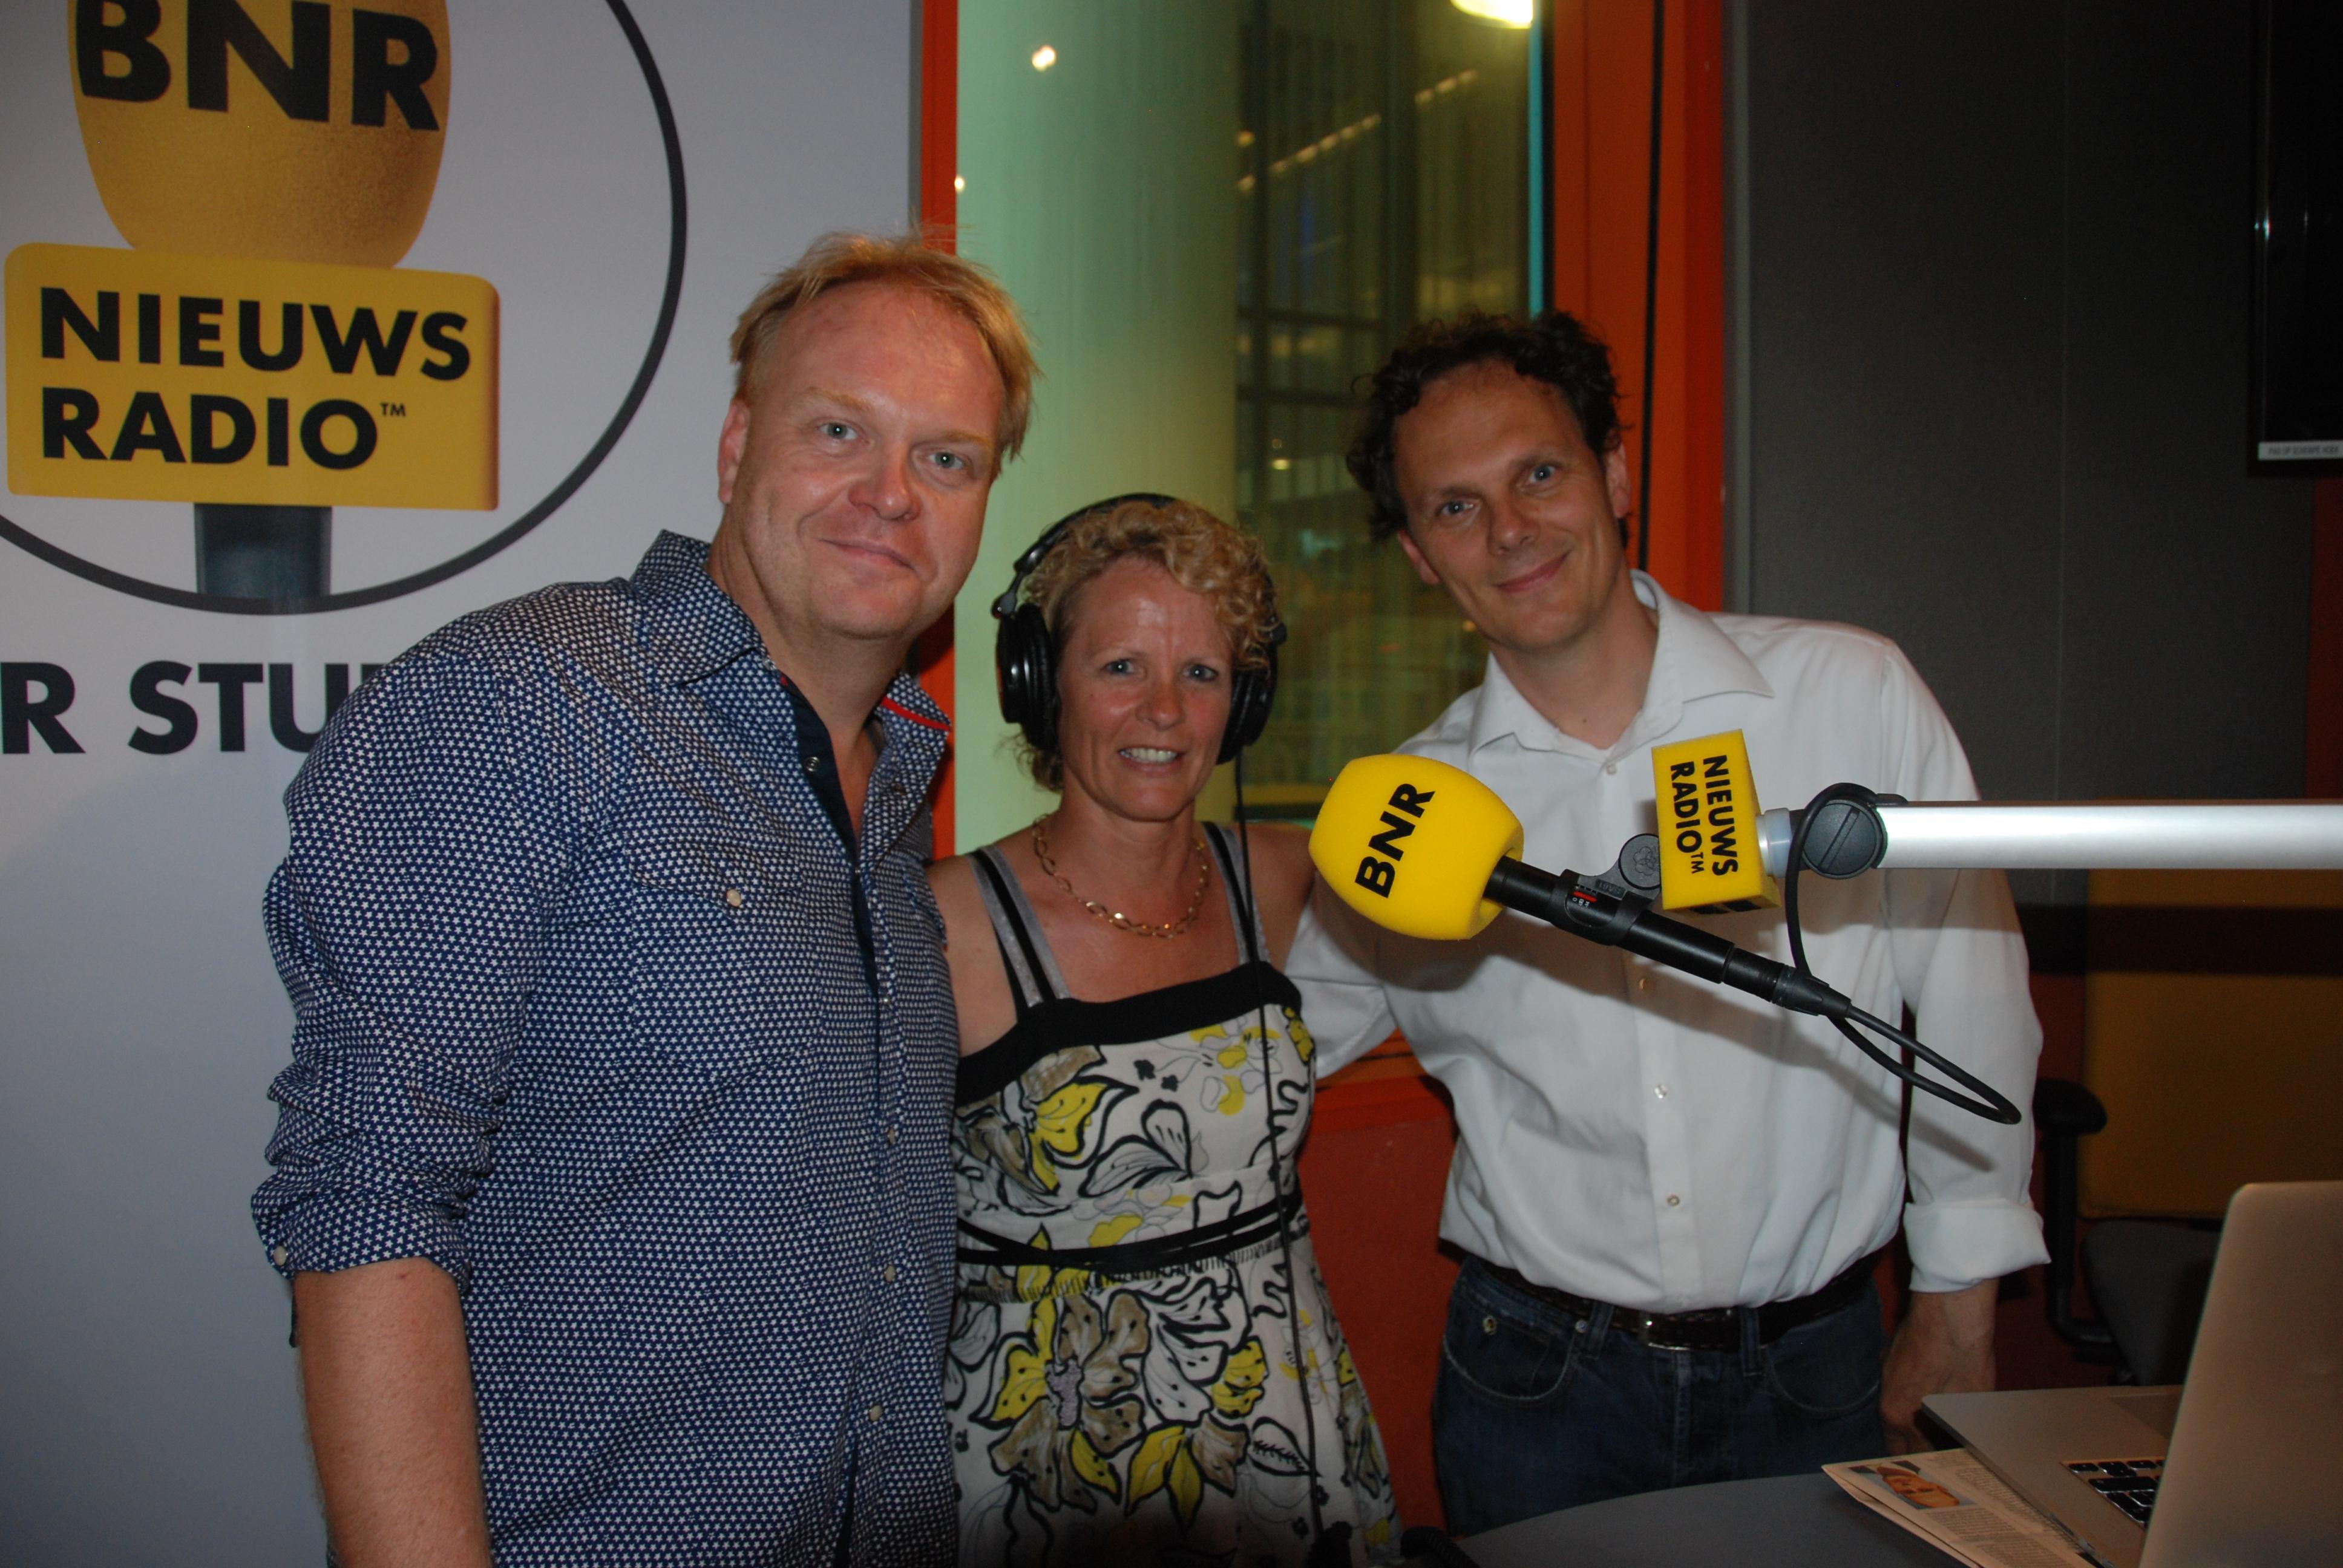 Tineke Rensen bij BNR nieuwsradio